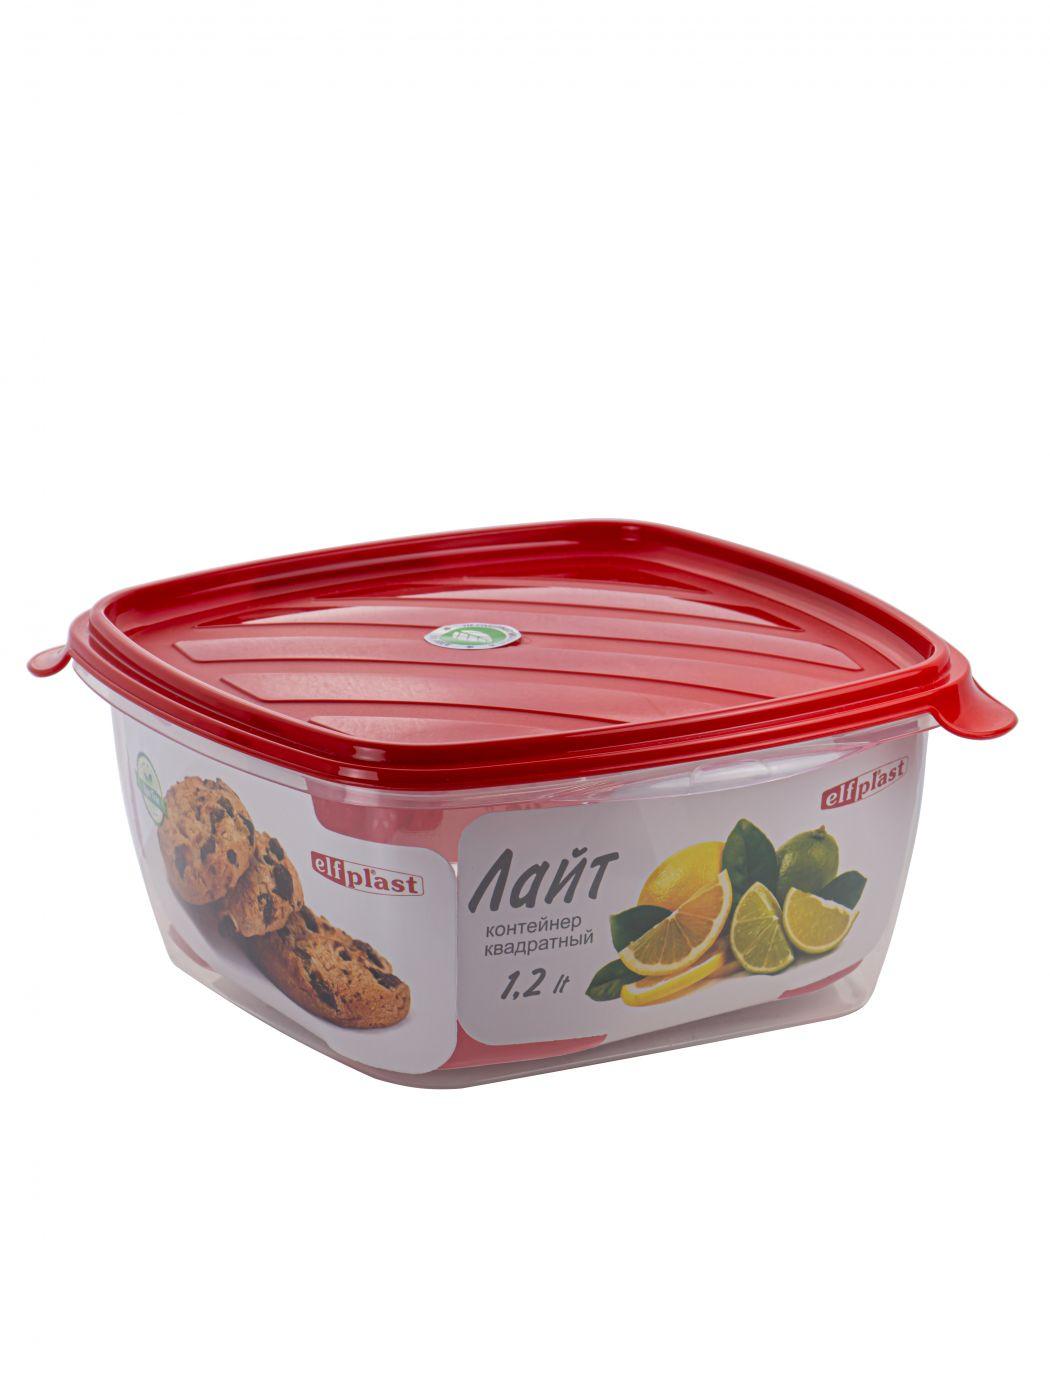 Контейнер пищевой Лайт 1,2 литра квадратный Эльфпласт контейнер для хранения еды с крышкой 17*17*17 см